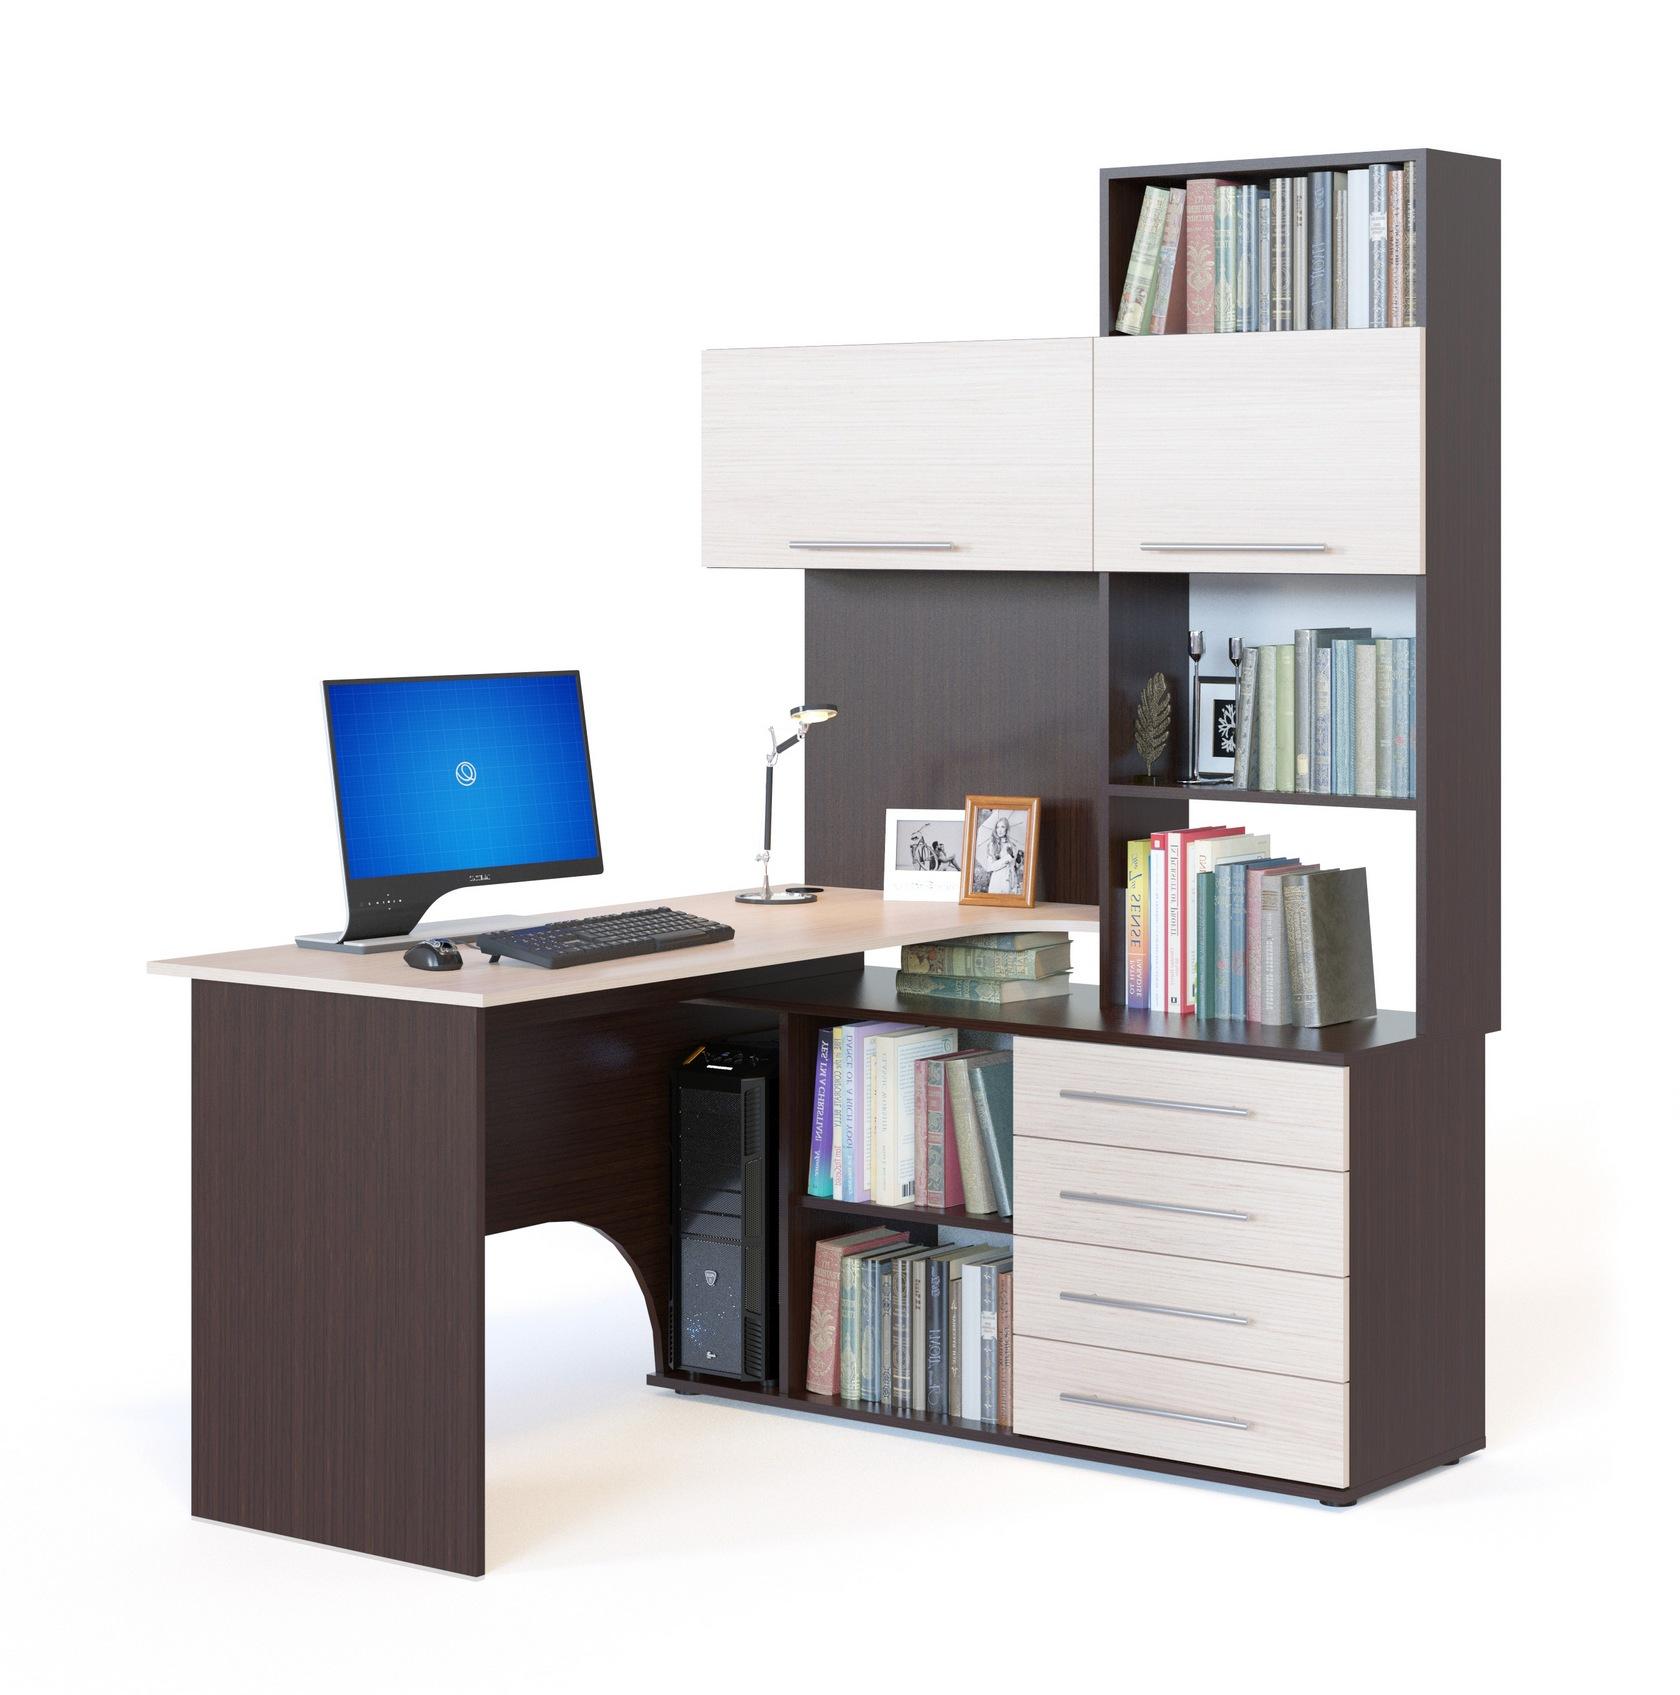 Письменный стол кст-14 с надстройкой, шкафами, тумбой и откр.